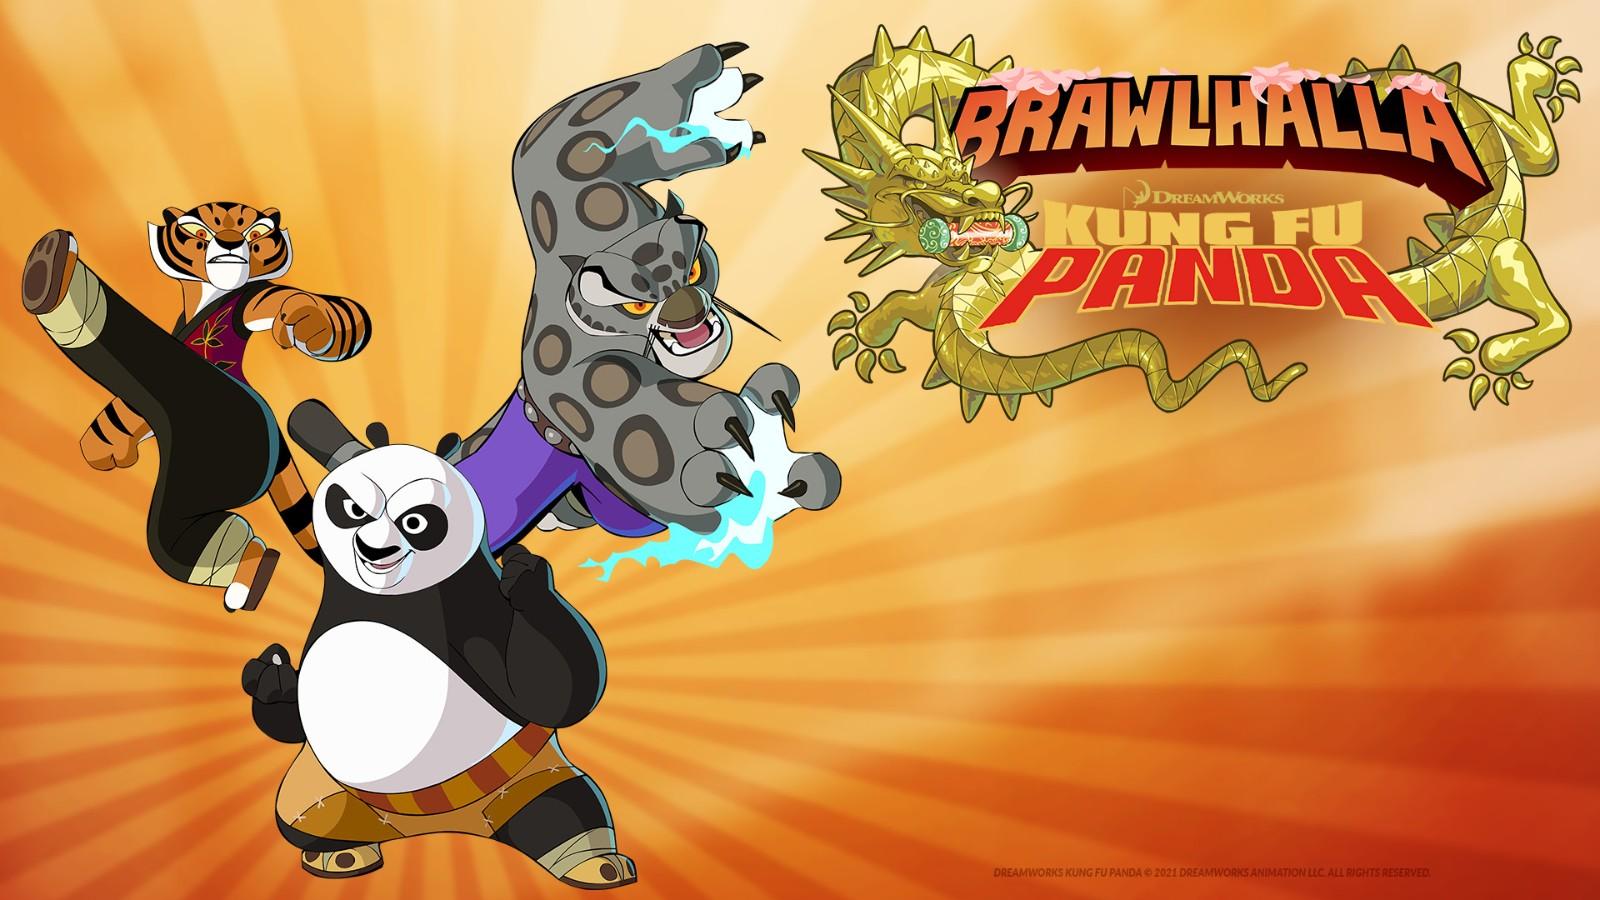 育碧格斗游戏《英灵乱战》将加入《功夫熊猫》角色